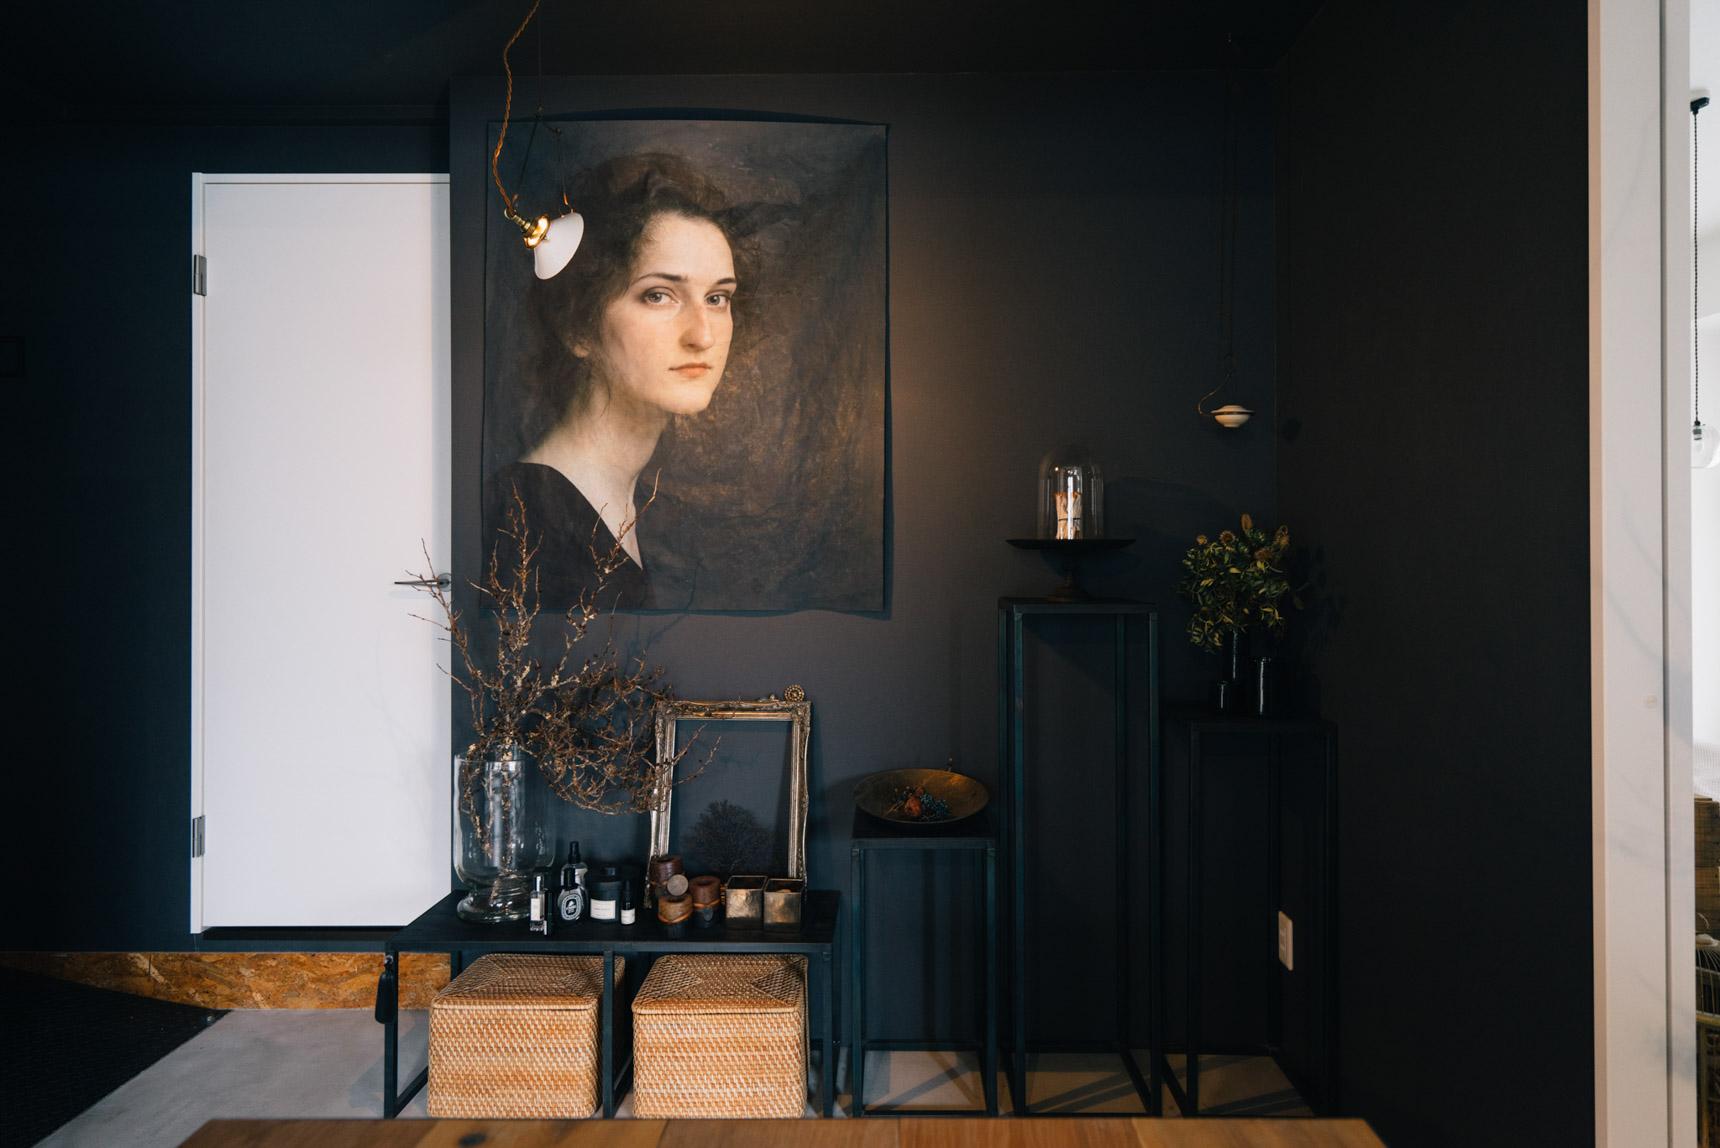 あえて壁も黒くして、印象的な空間に仕上げた例(このお部屋はこちら)